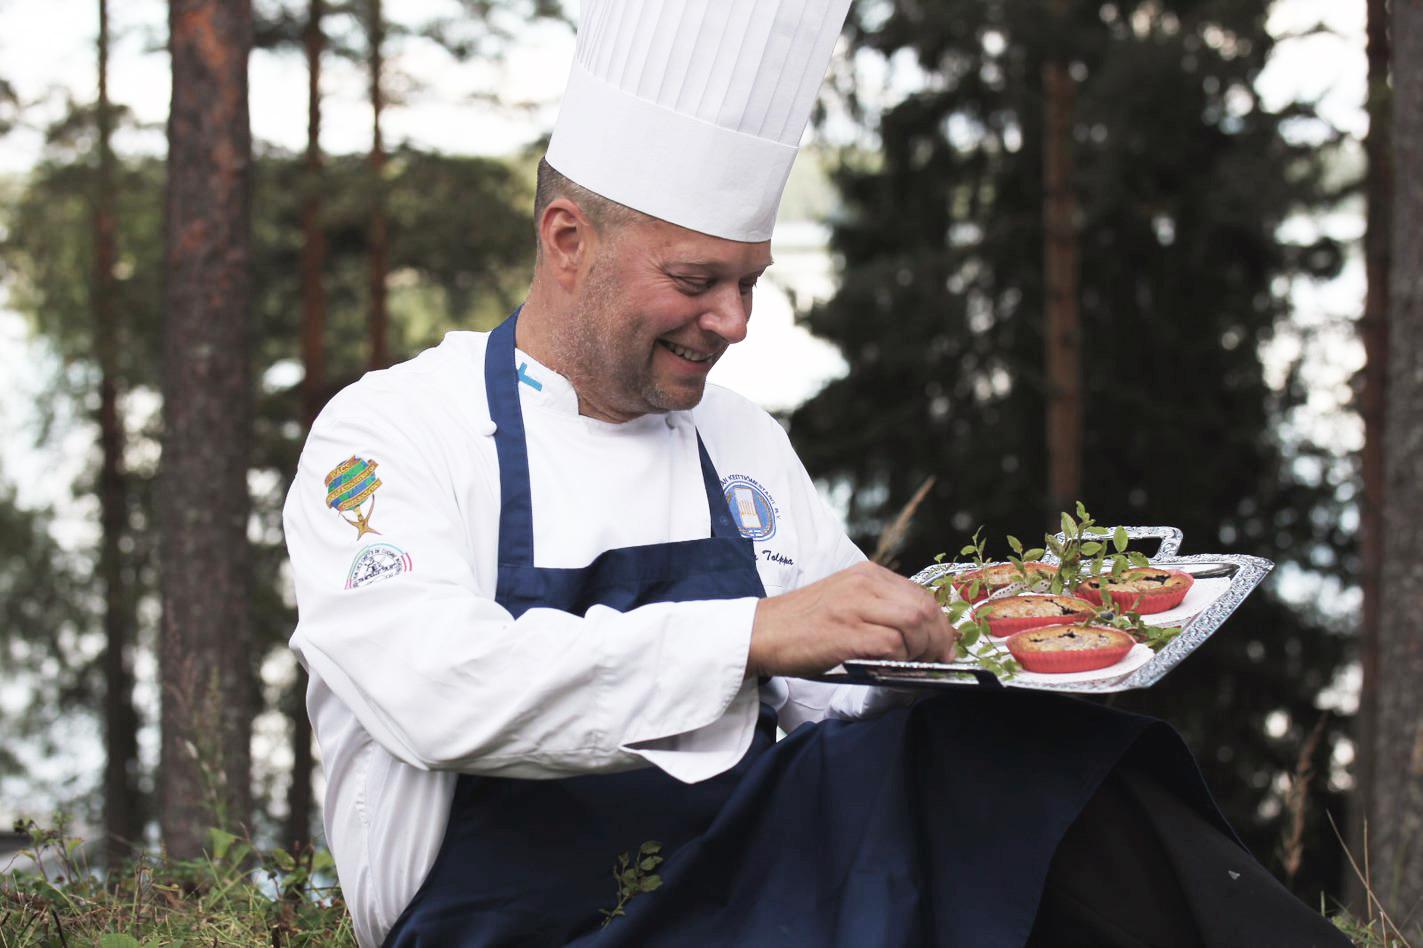 Keittiömestari Pekka Tolppa hyödyntää keittiössään luonnon ja kotipuutarhan antimia. Kuva: Heini Tolppa